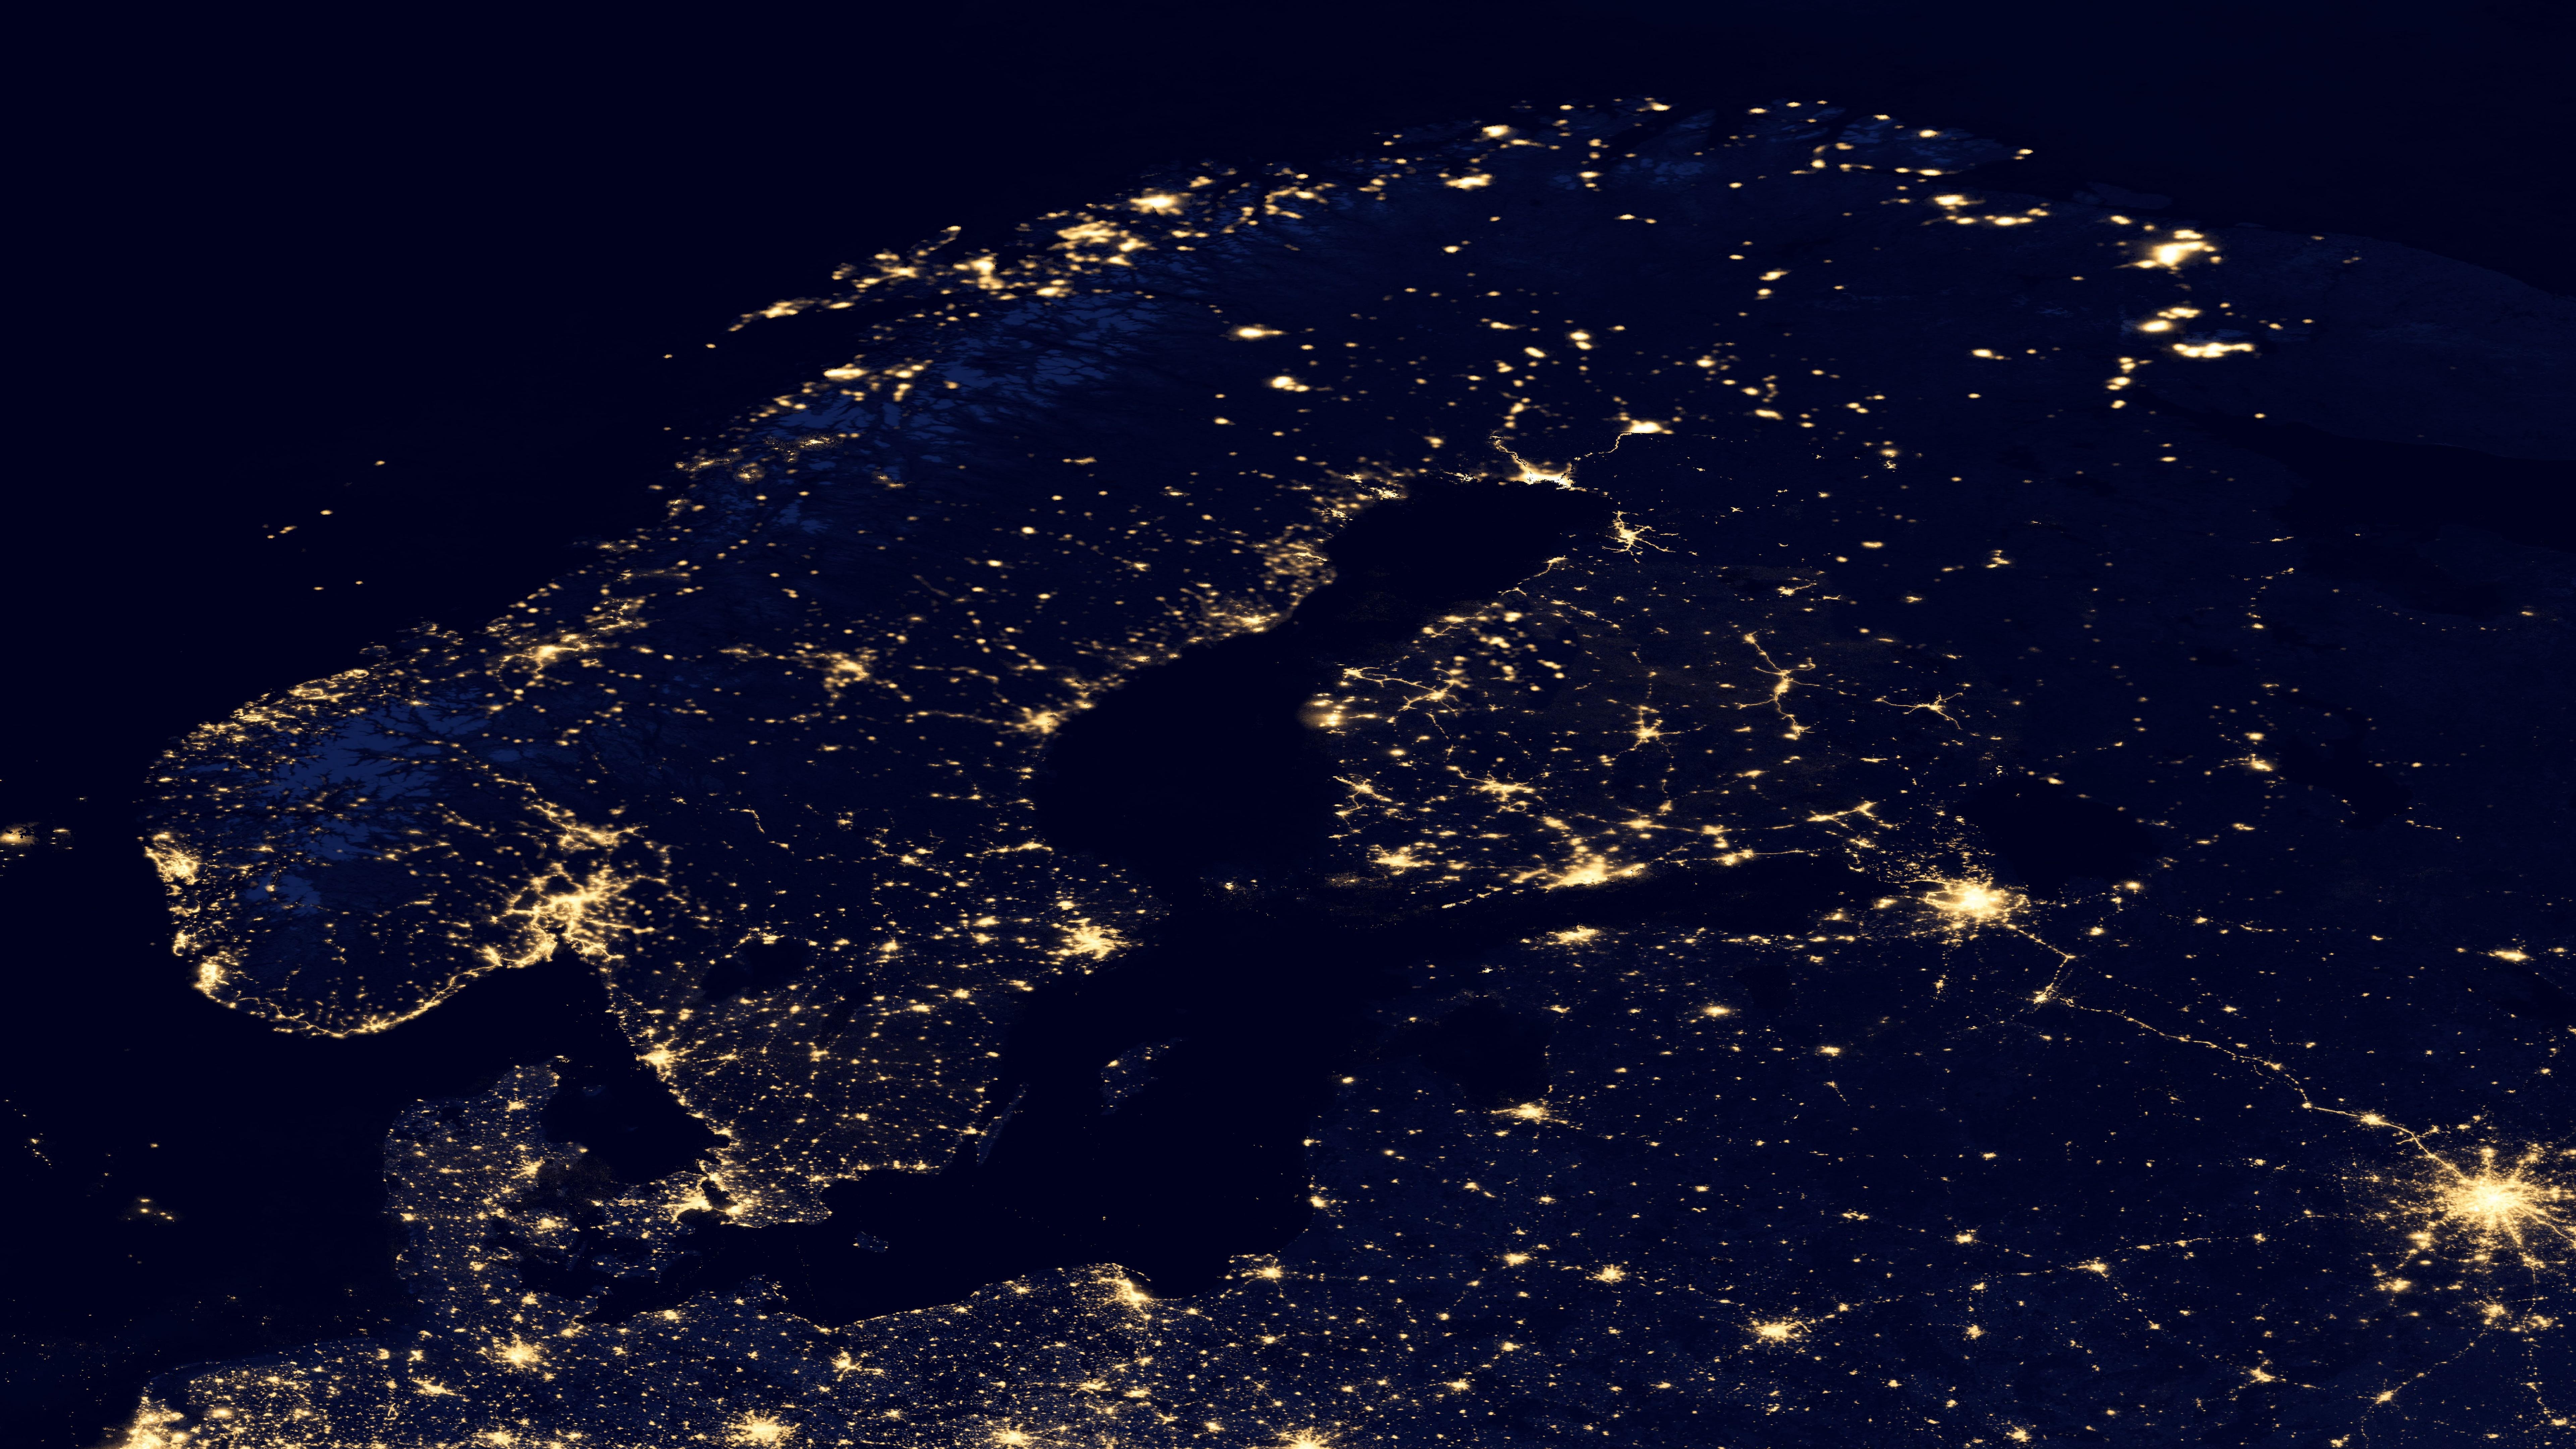 Night Lights of the Scandinavian Peninsula v2012 wallpaper